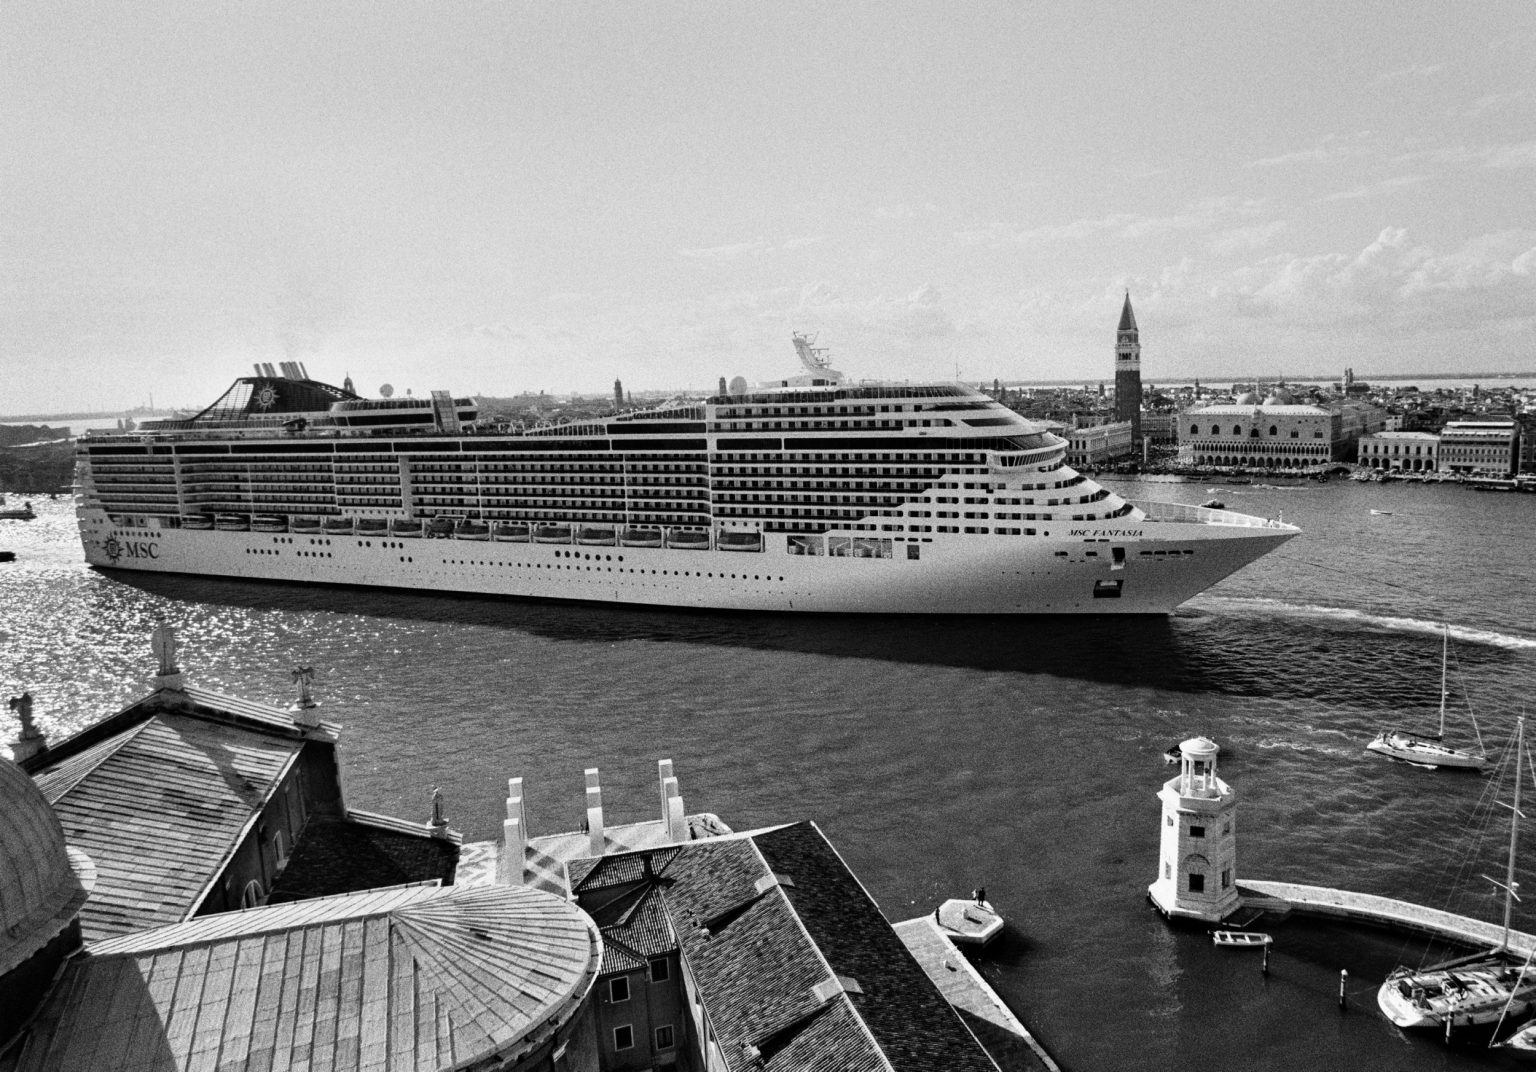 """Venice, August 2013 - Big cruise liners invade the city - MSC Fantasia cruise ship passing by the old town ><  Venezia, agosto 2013 - Le grandi navi da crociera invadono la città - La MSC Fantasia passa davanti al centro storico<p><span style=""""color: #ff0000""""><strong>*** SPECIAL   FEE   APPLIES ***</strong></span></p>*** SPECIAL   FEE   APPLIES *** *** Local Caption *** 00527933"""